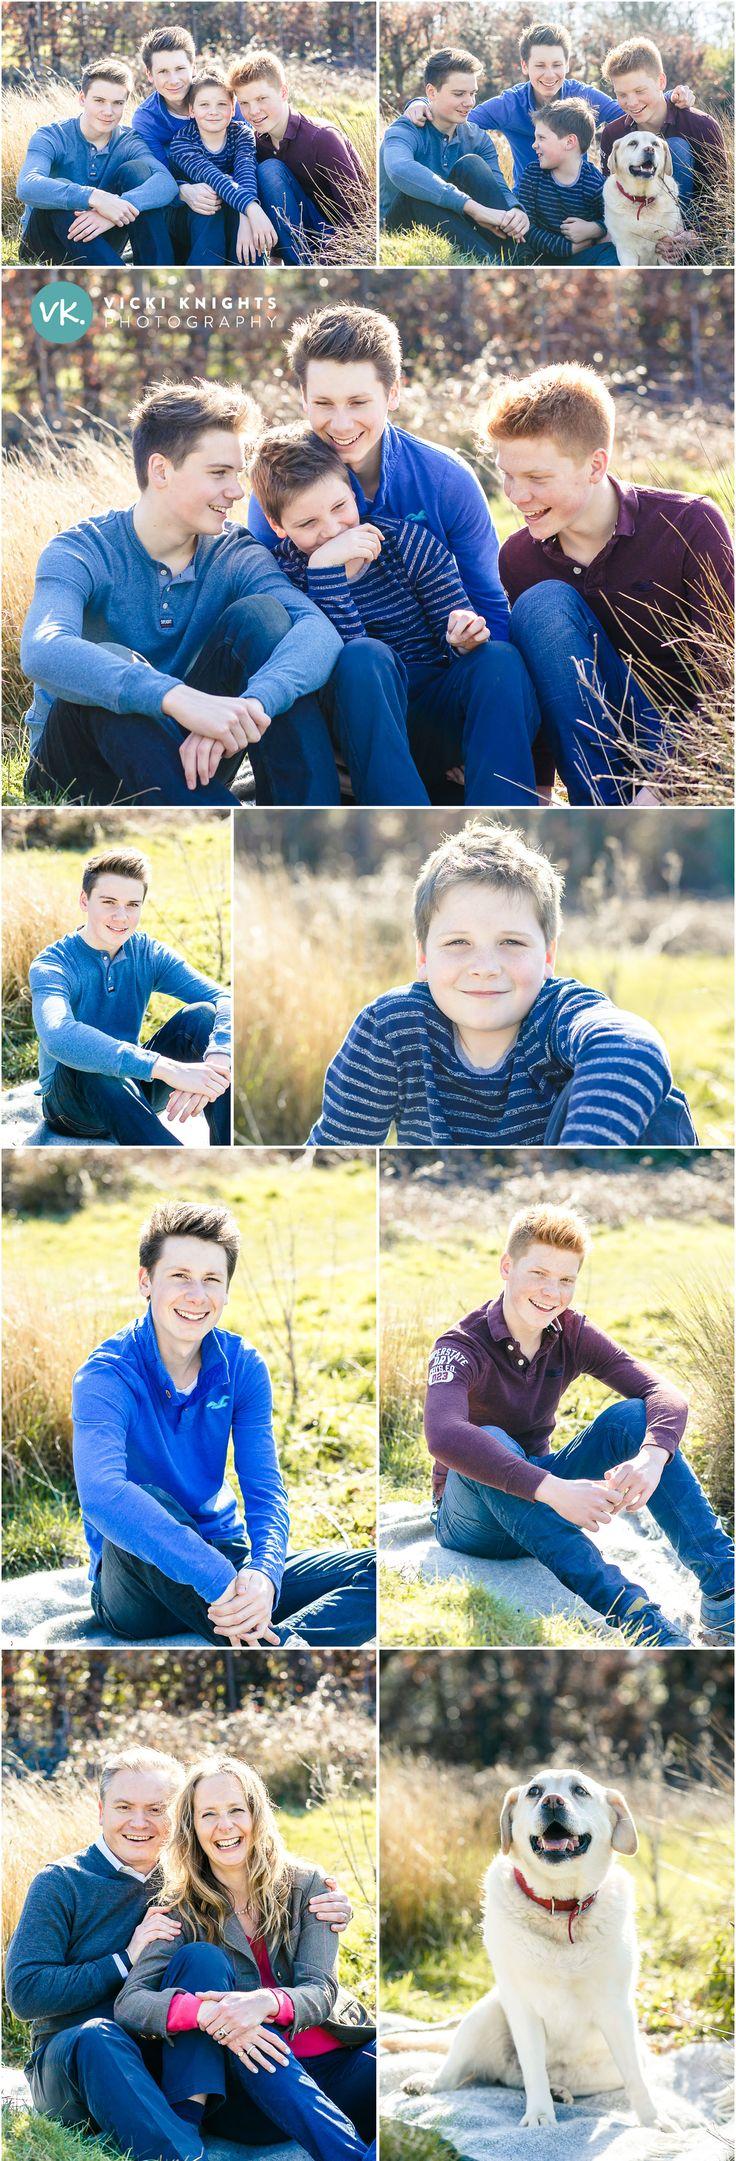 Teenage family photo shoot | Vicki Knights Photography